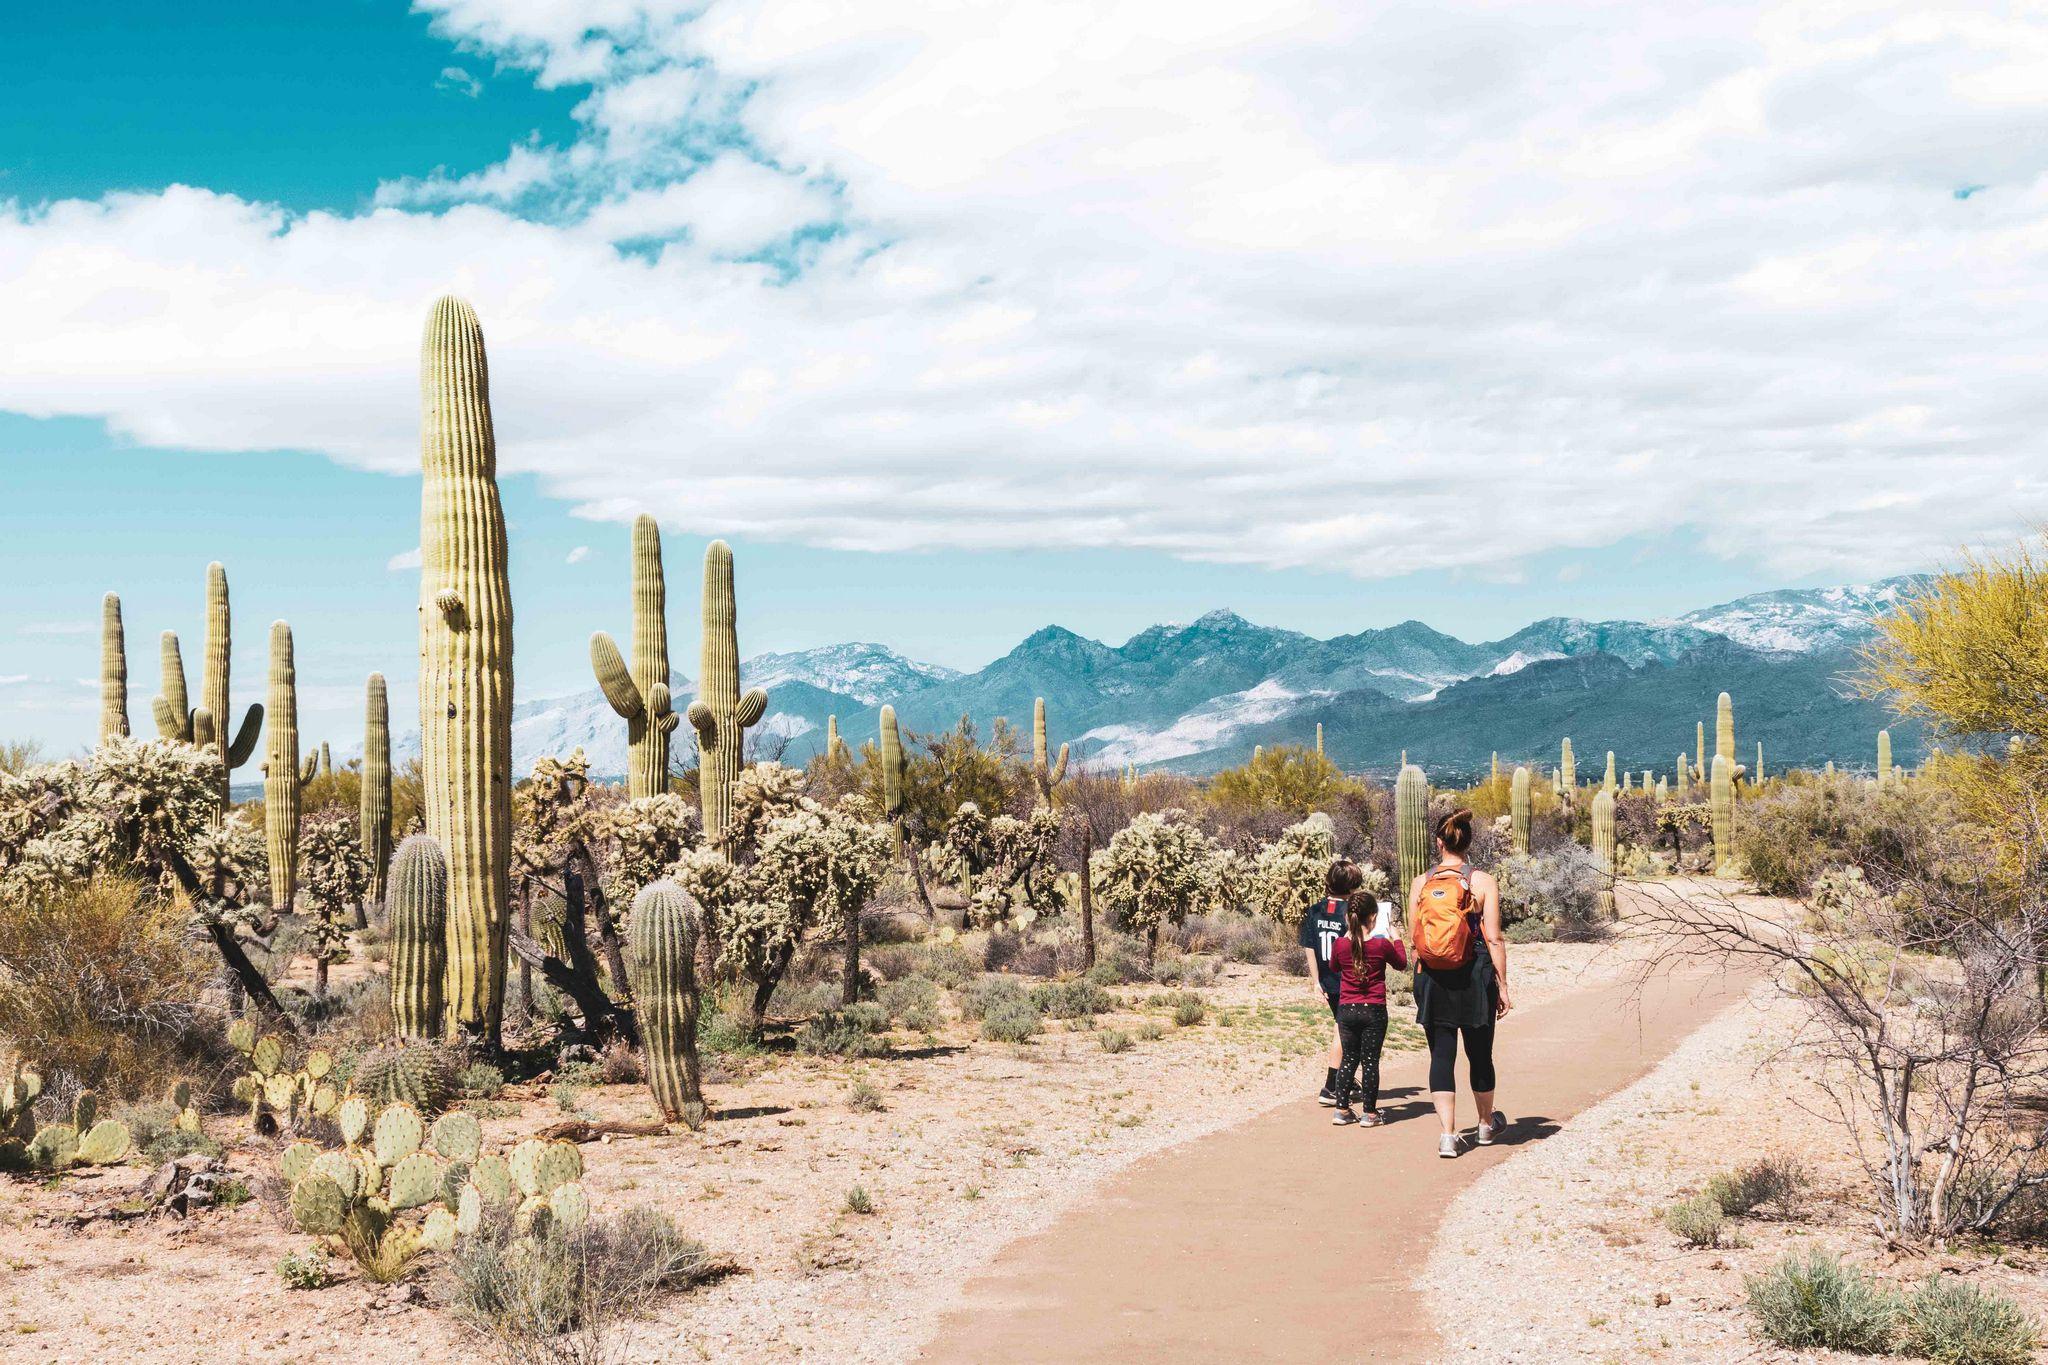 Parkseekers Saguaro